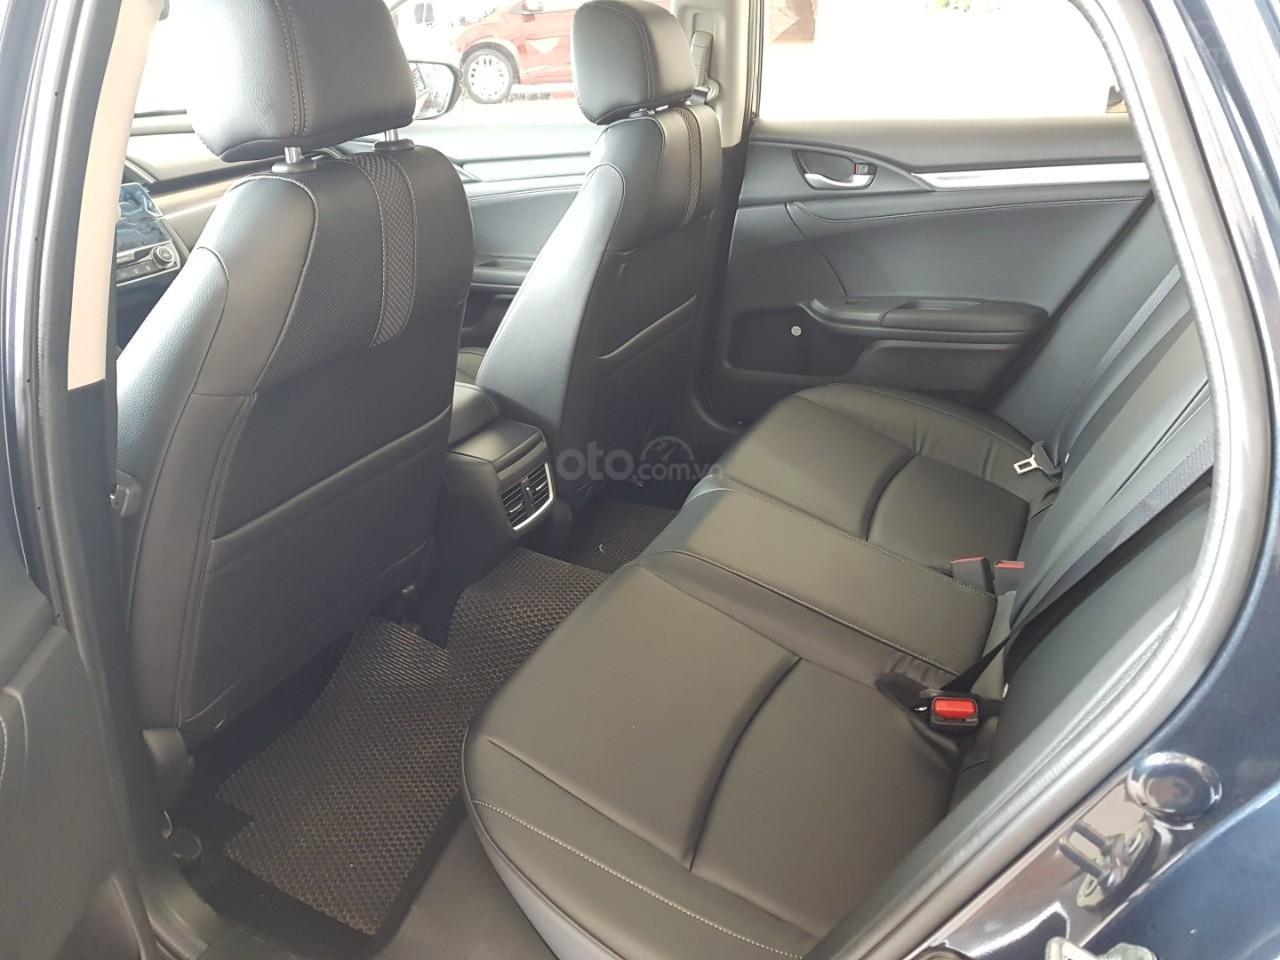 Bán Honda Civic 2019 mẫu mới, giá tốt, hỗ trợ trả góp lãi suất thấp, bao hồ sơ vay-3